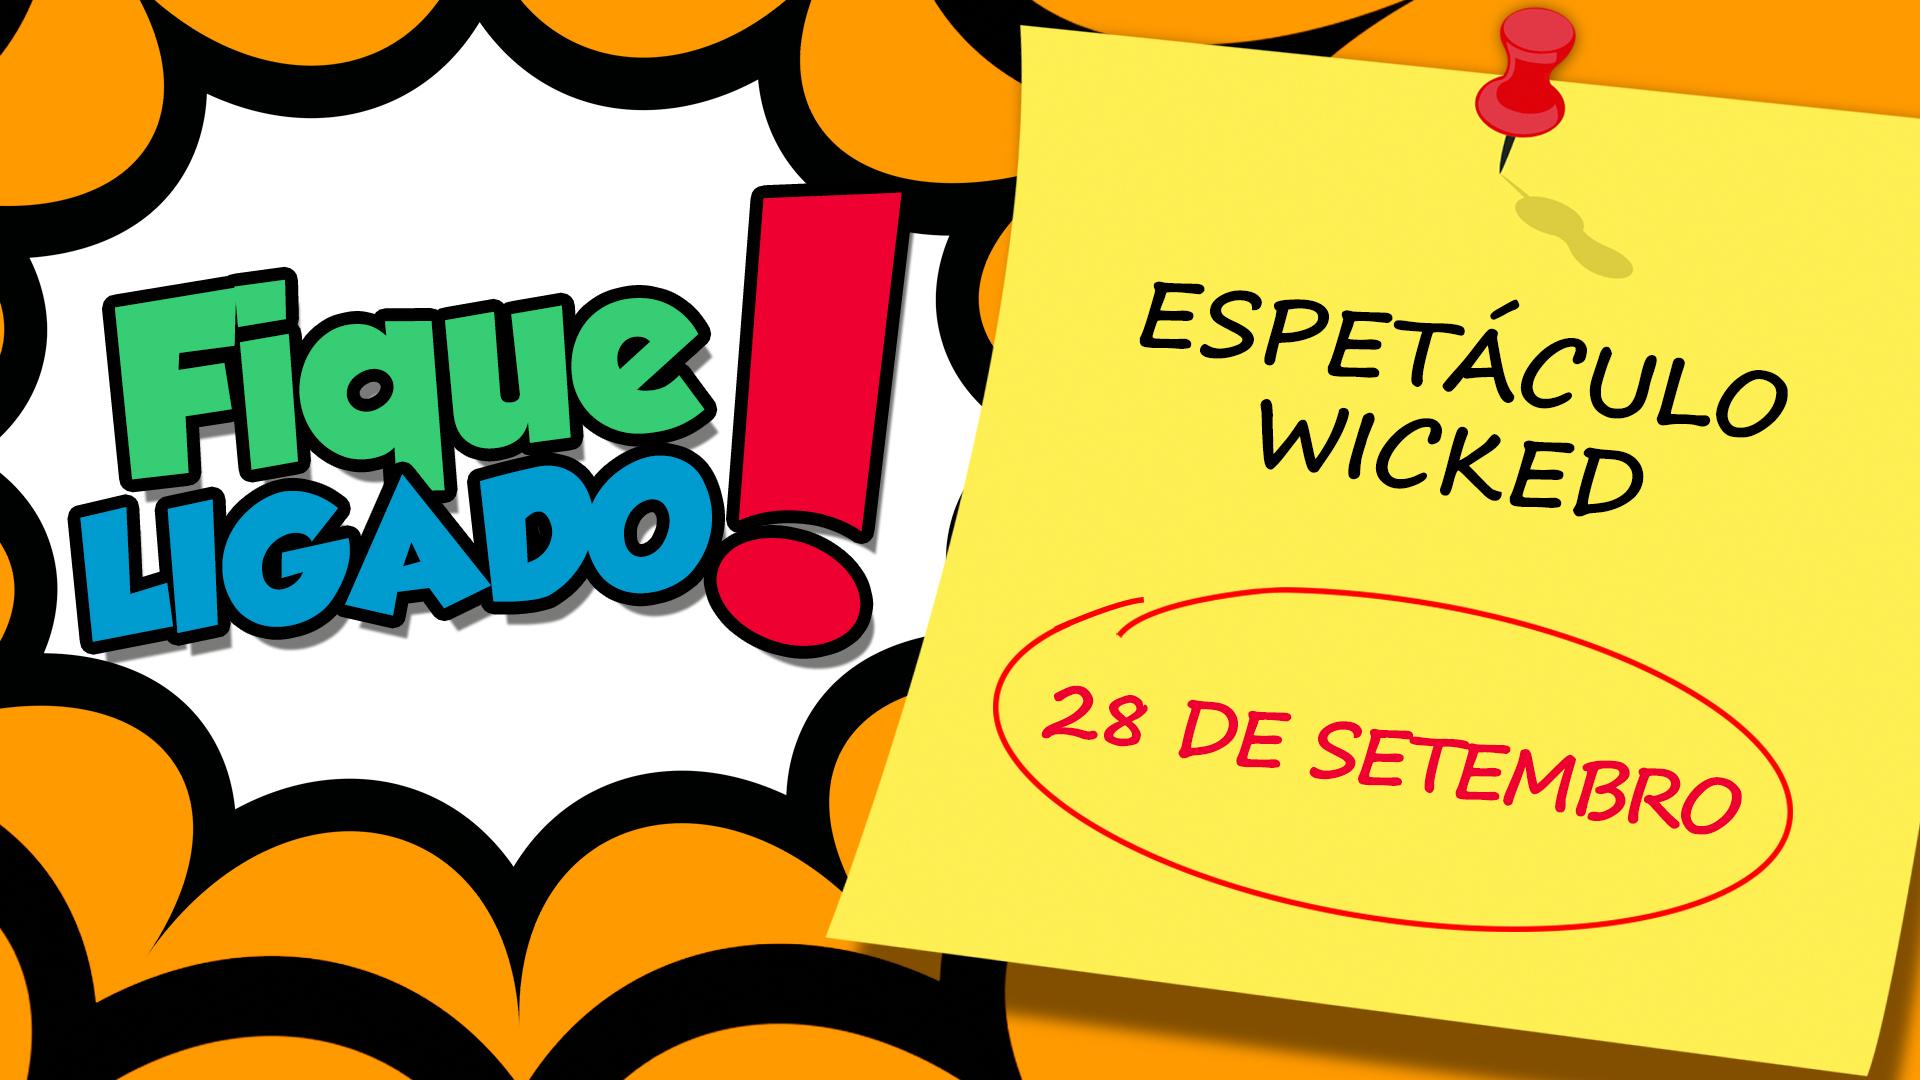 [Espetáculo Wicked]